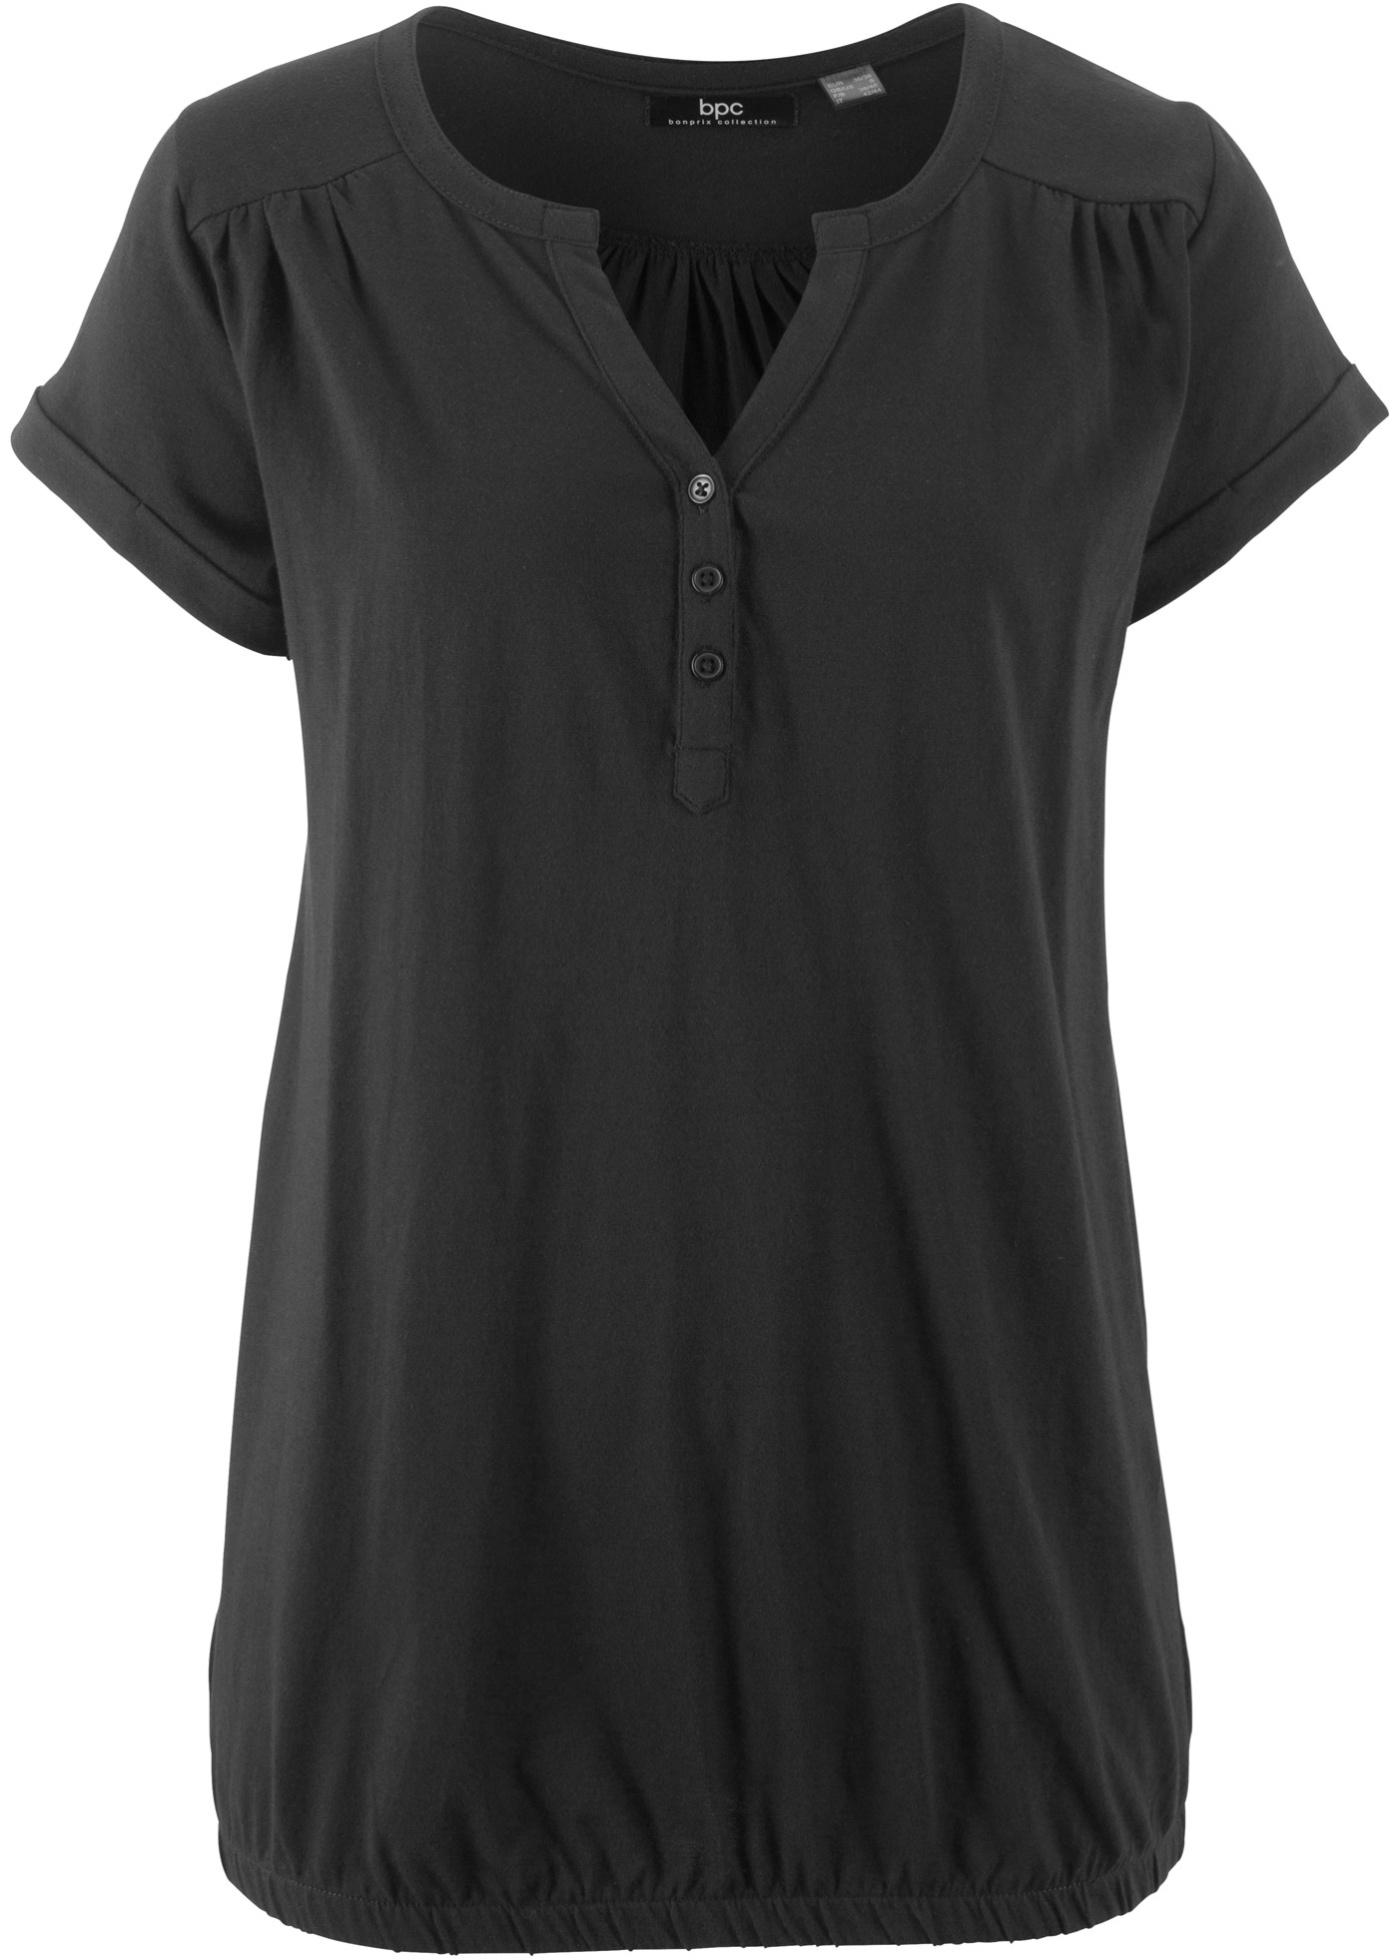 Bonprix Manches Bpc Patte shirt Avec De Courtes Noir Femme Pour CollectionT Boutonnage E29WYeDIH